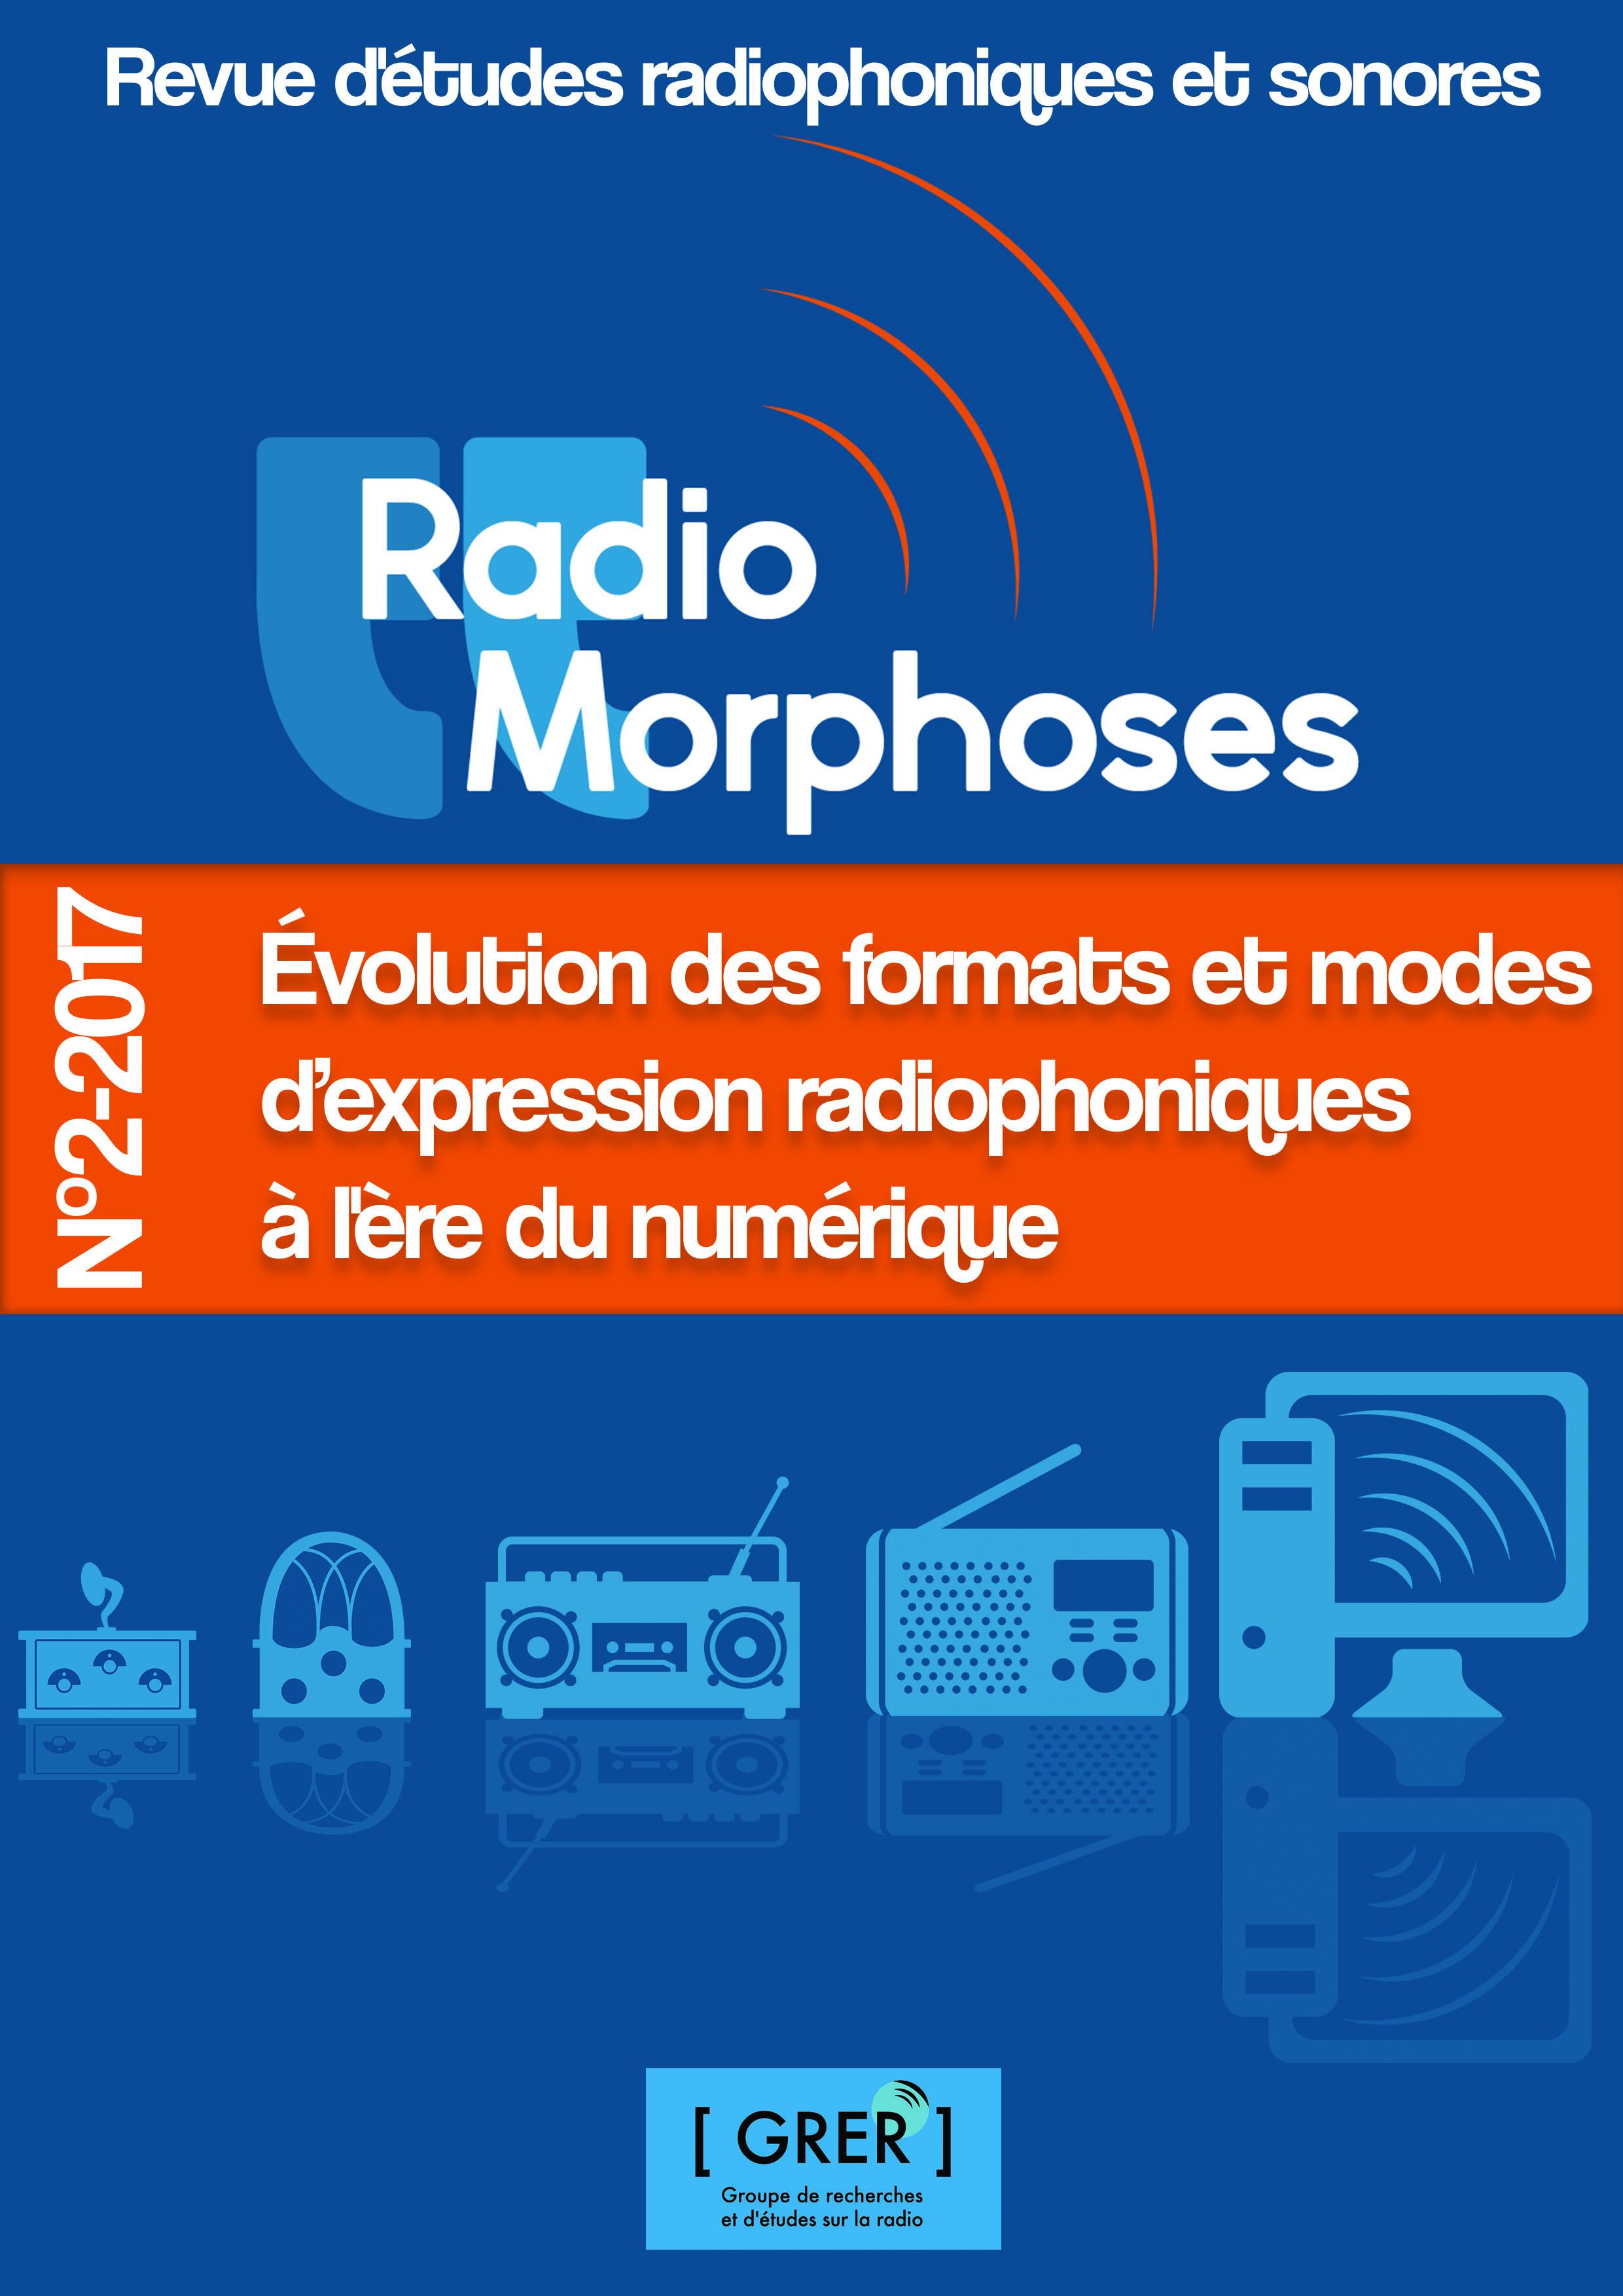 Nouveau numéro de la revue RadioMorphoses